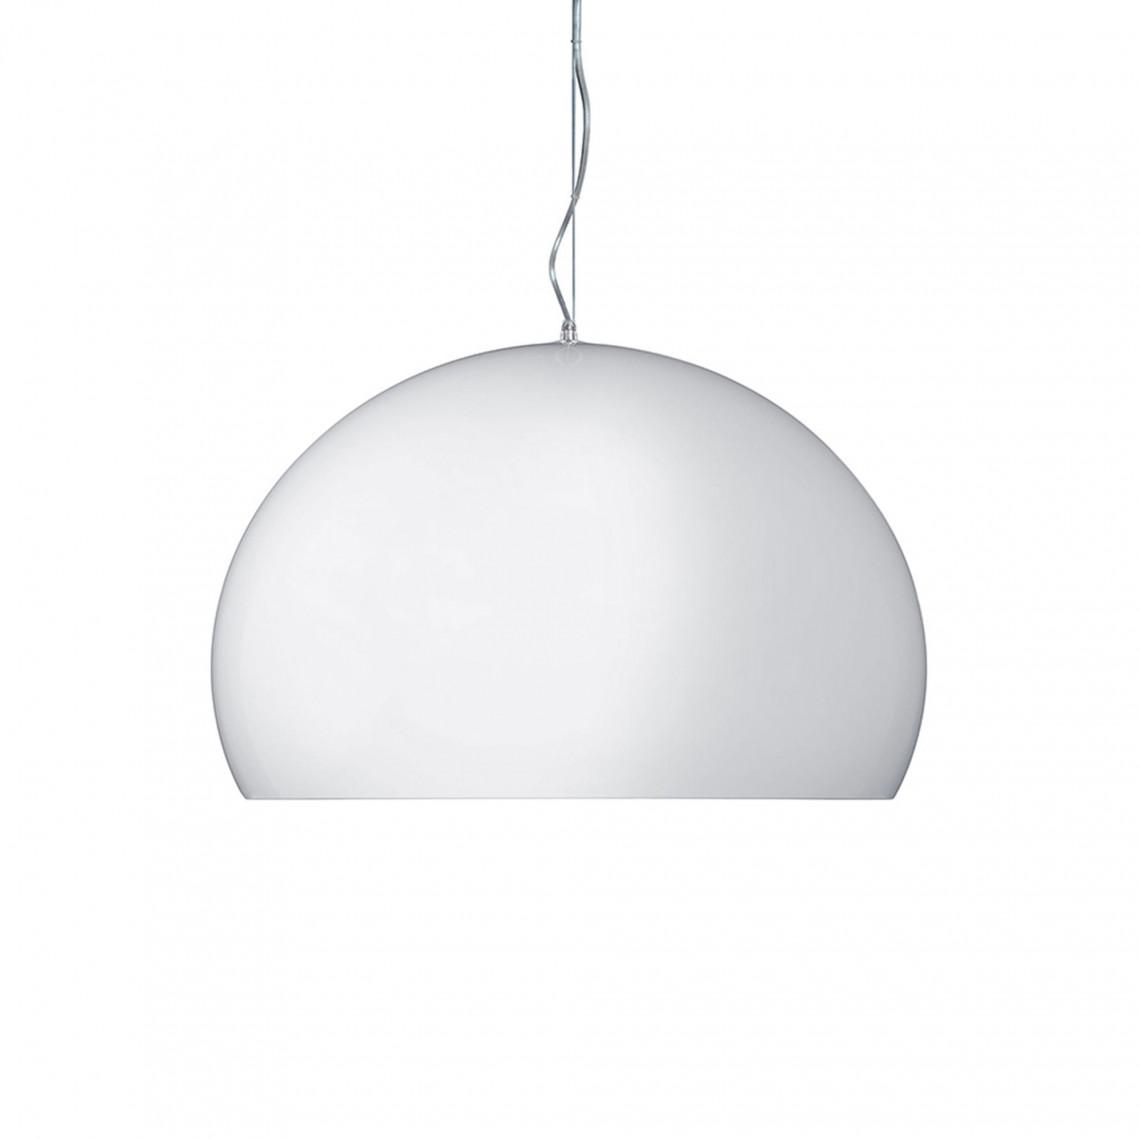 Big Fl/y Suspension 9058 - Glossy White